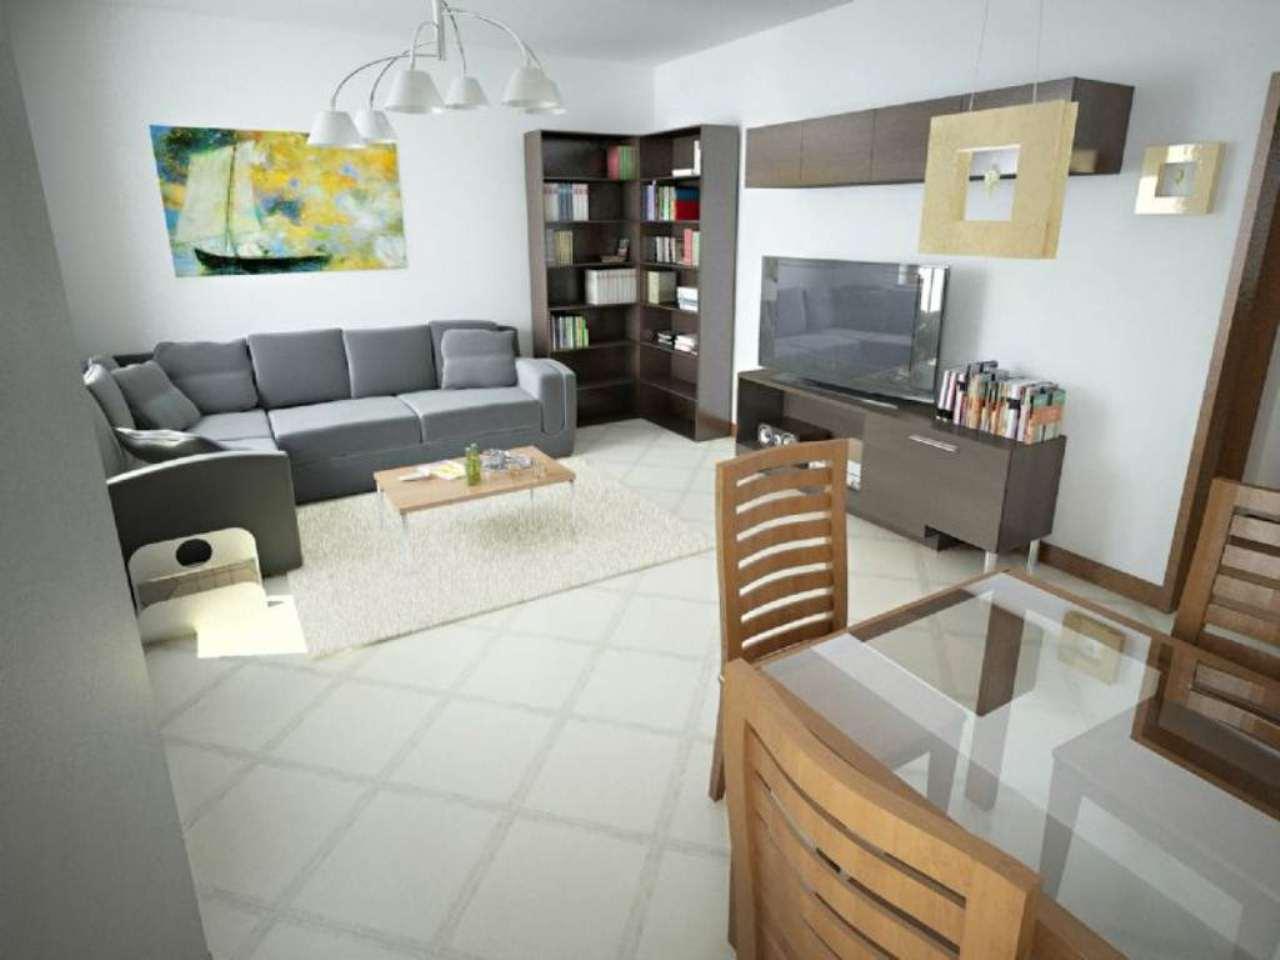 Appartamento in vendita a Antegnate, 4 locali, prezzo € 169.000 | CambioCasa.it